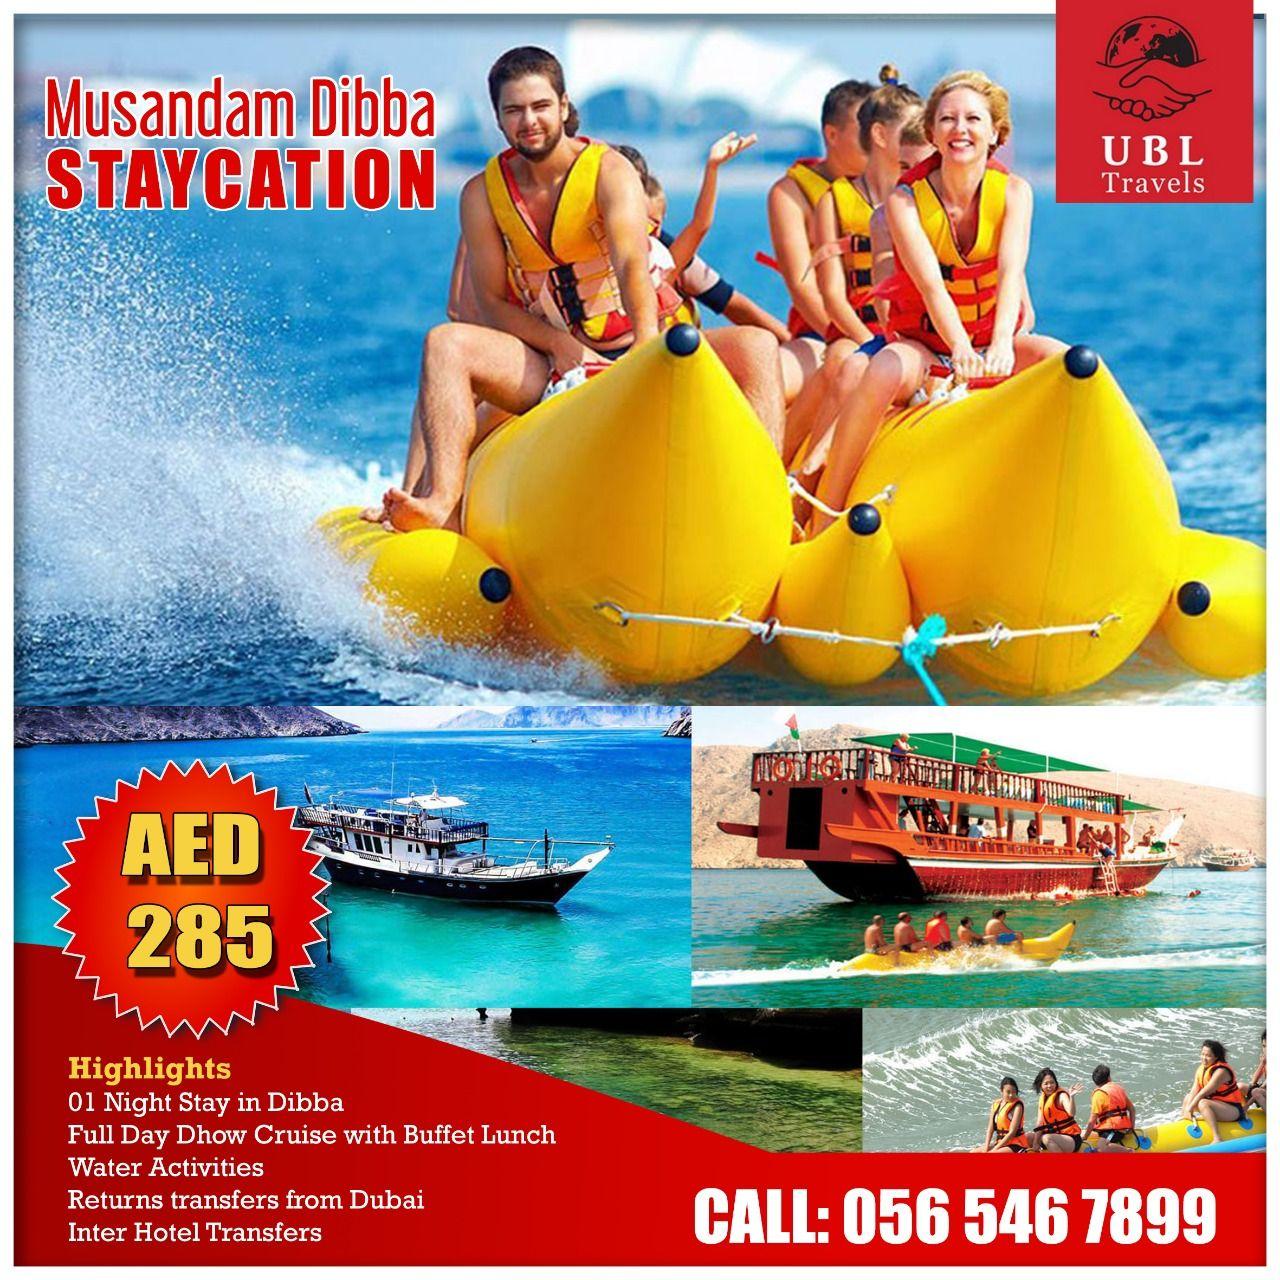 Special Offers Musandam Dibba Tour Dubai tour, Travel